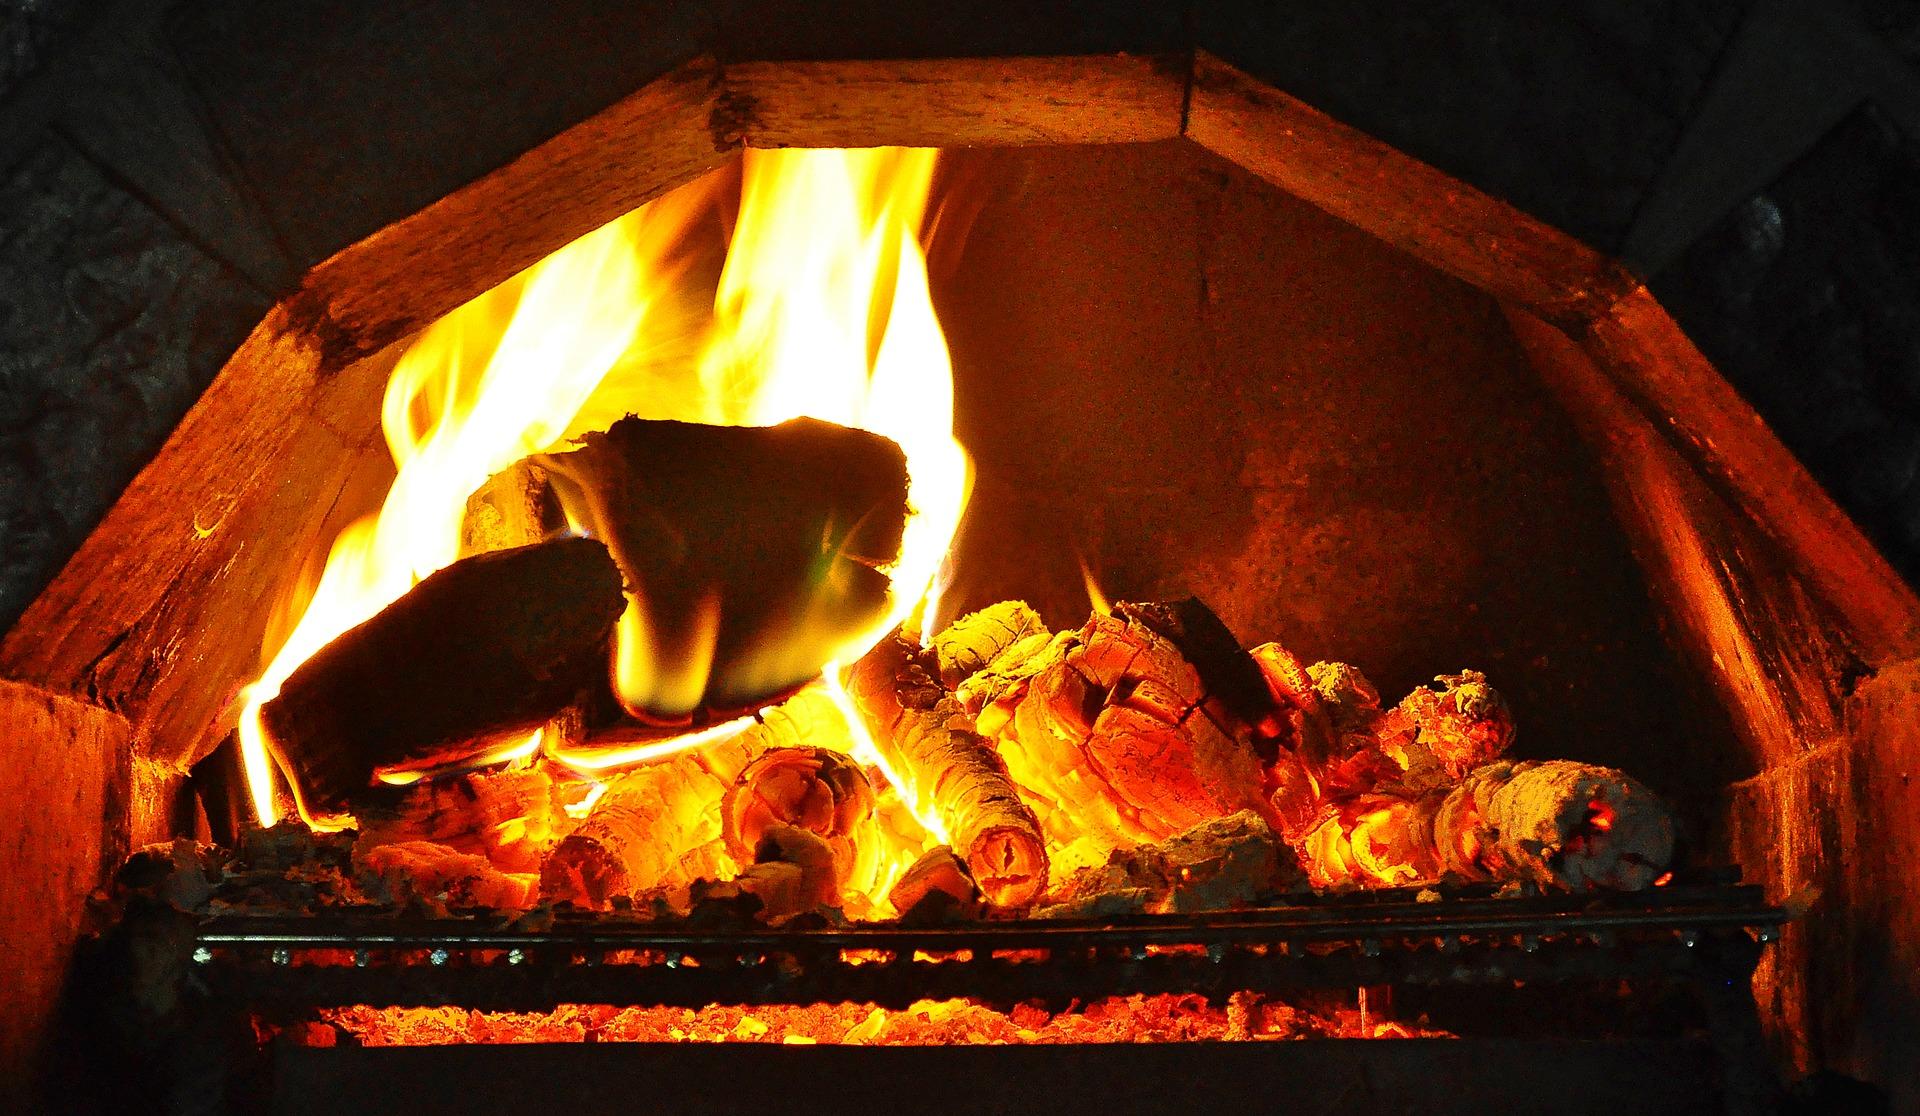 Polacy nie wiedzą też, jakim drewnem najlepiej jest palić czy w jaki sposób rozpalać w kominku. (Fot. Pixabay)